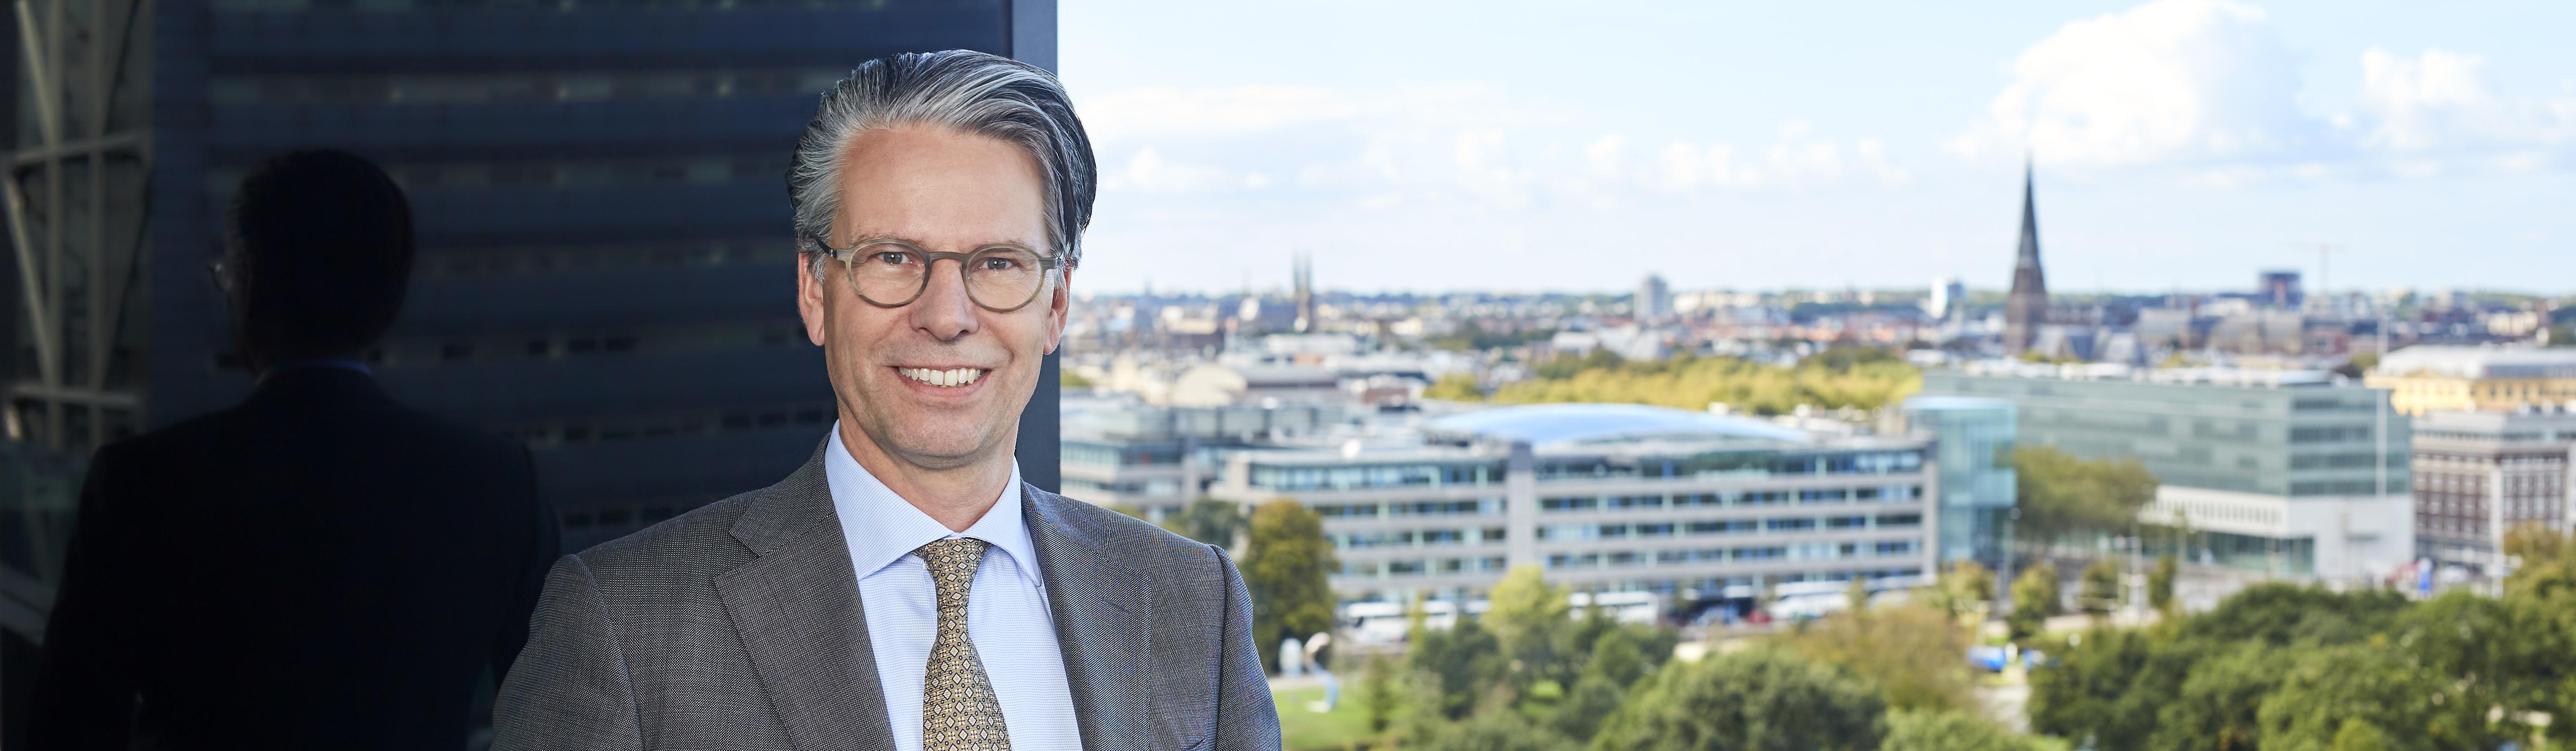 Mark Birnage, advocaat Pels Rijcken